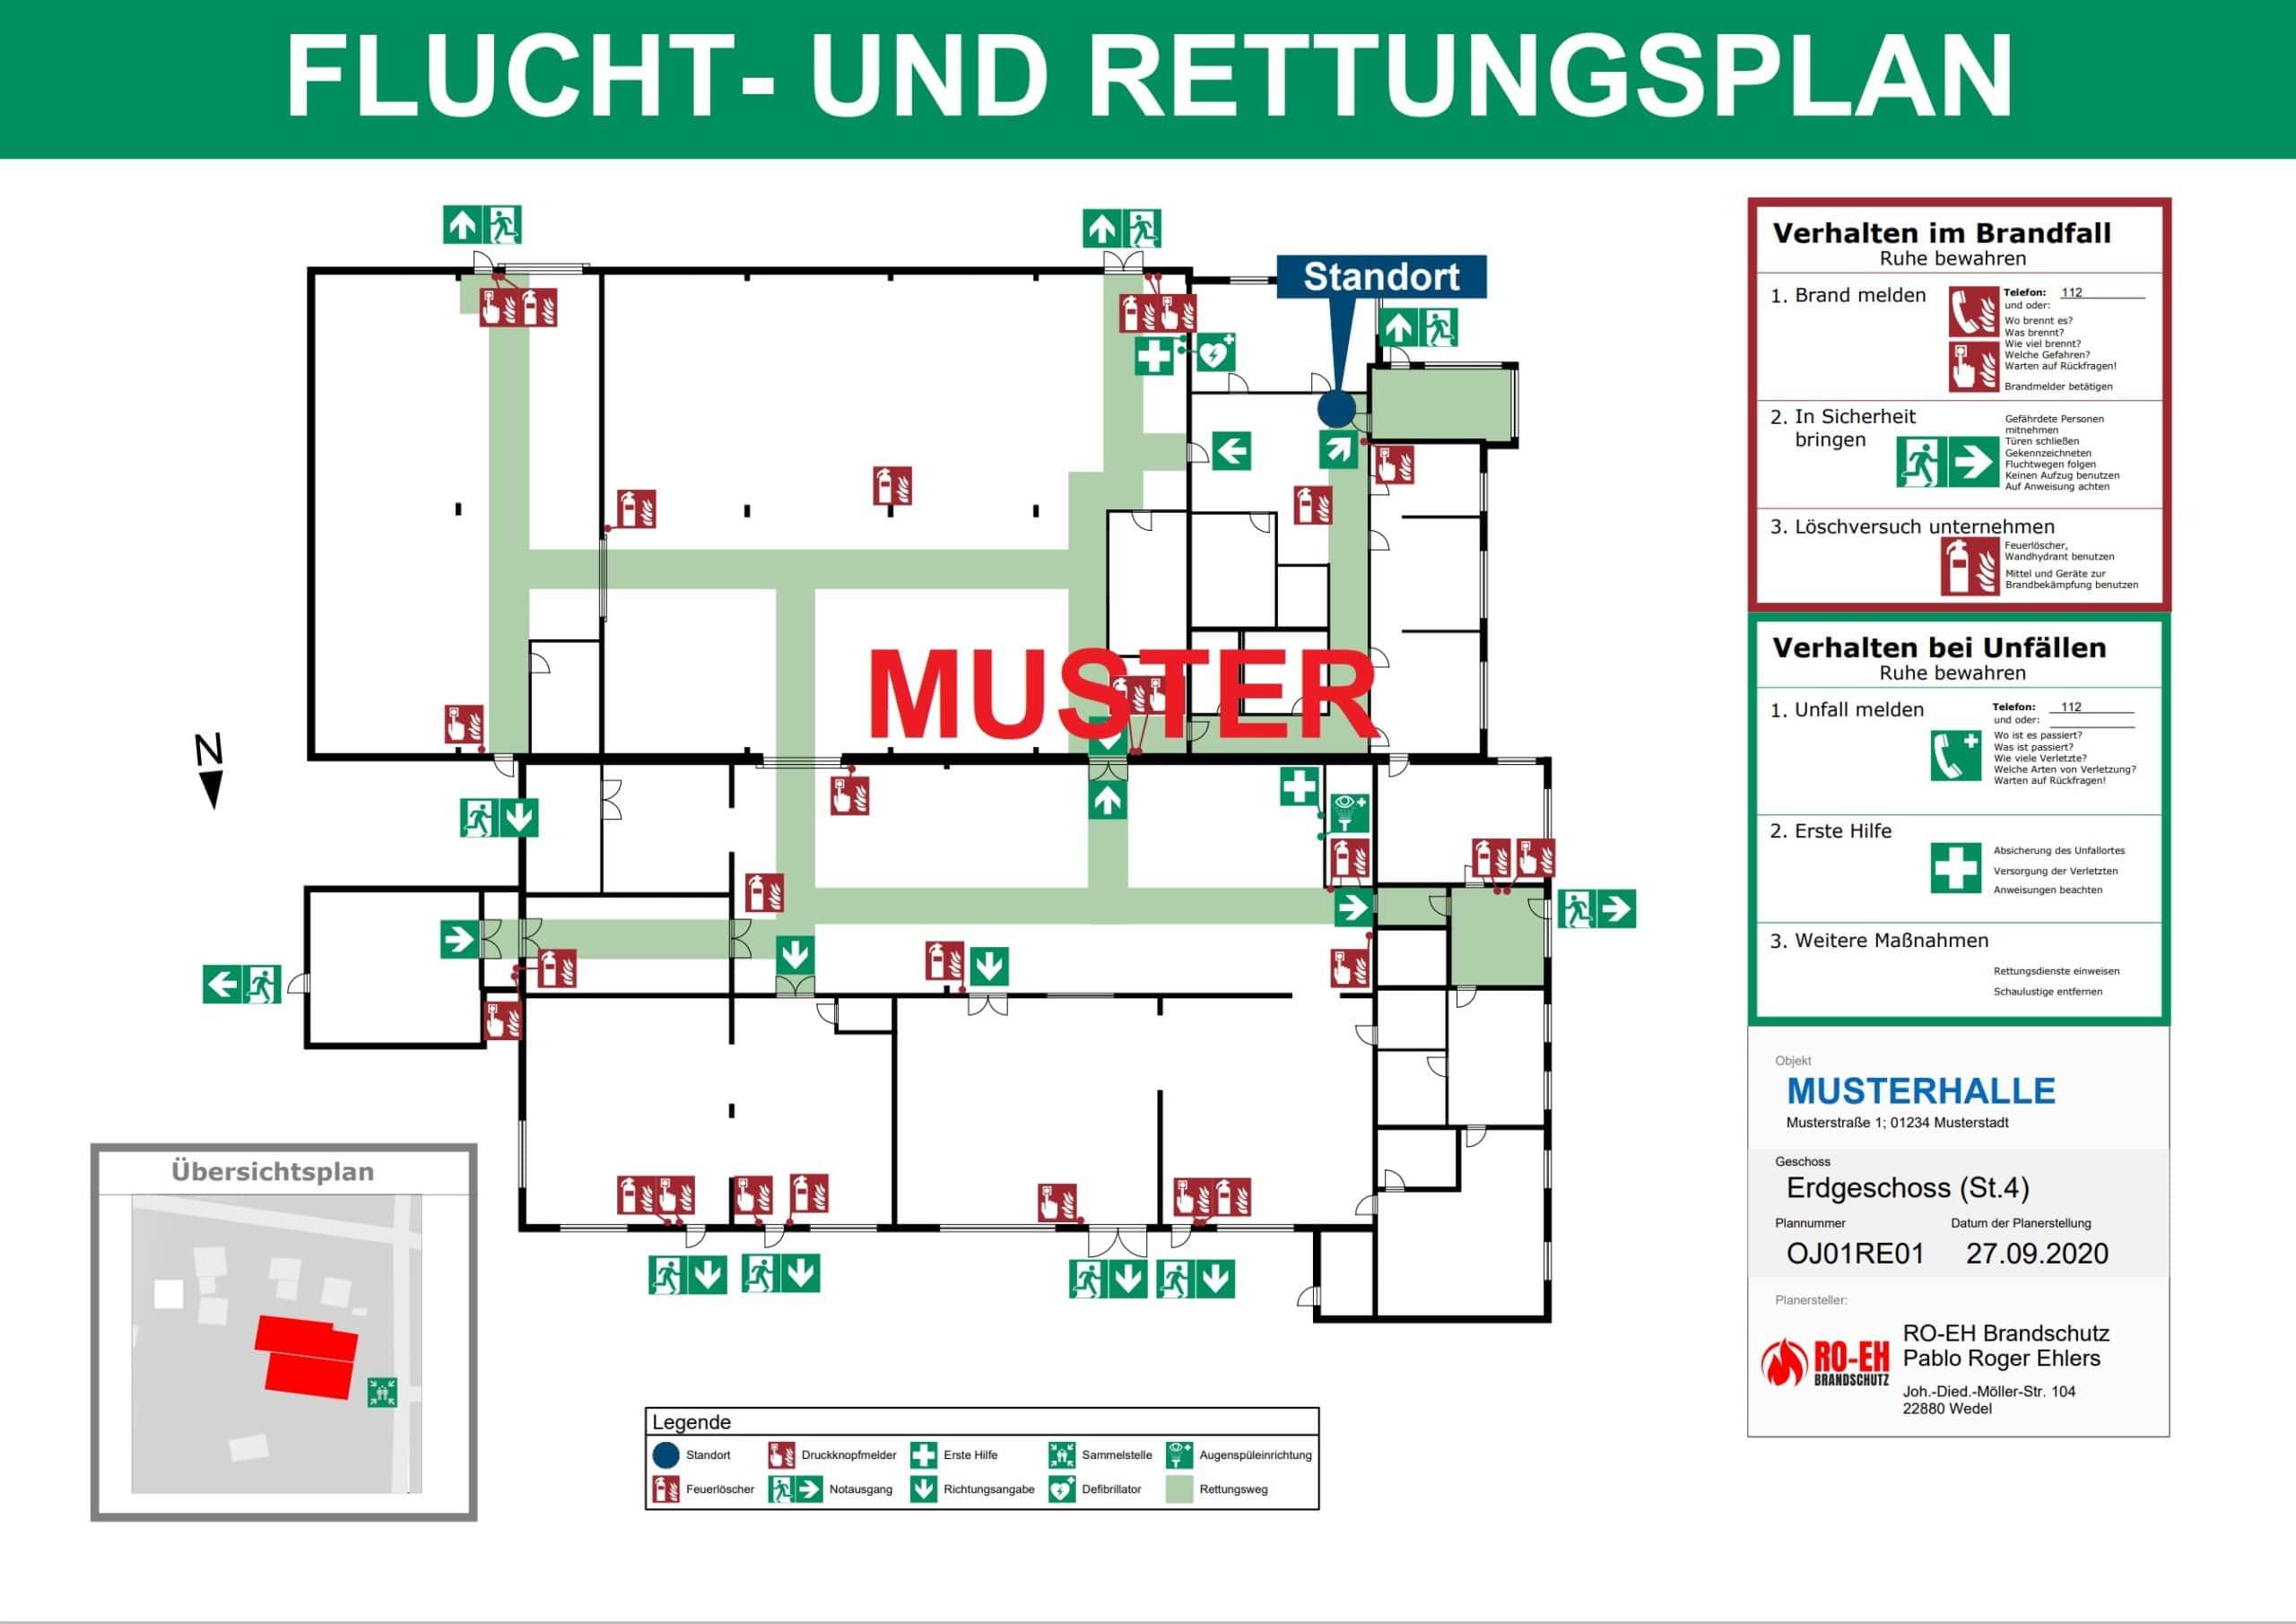 Flucht und Rettungsplan nach DIN ISO 23601